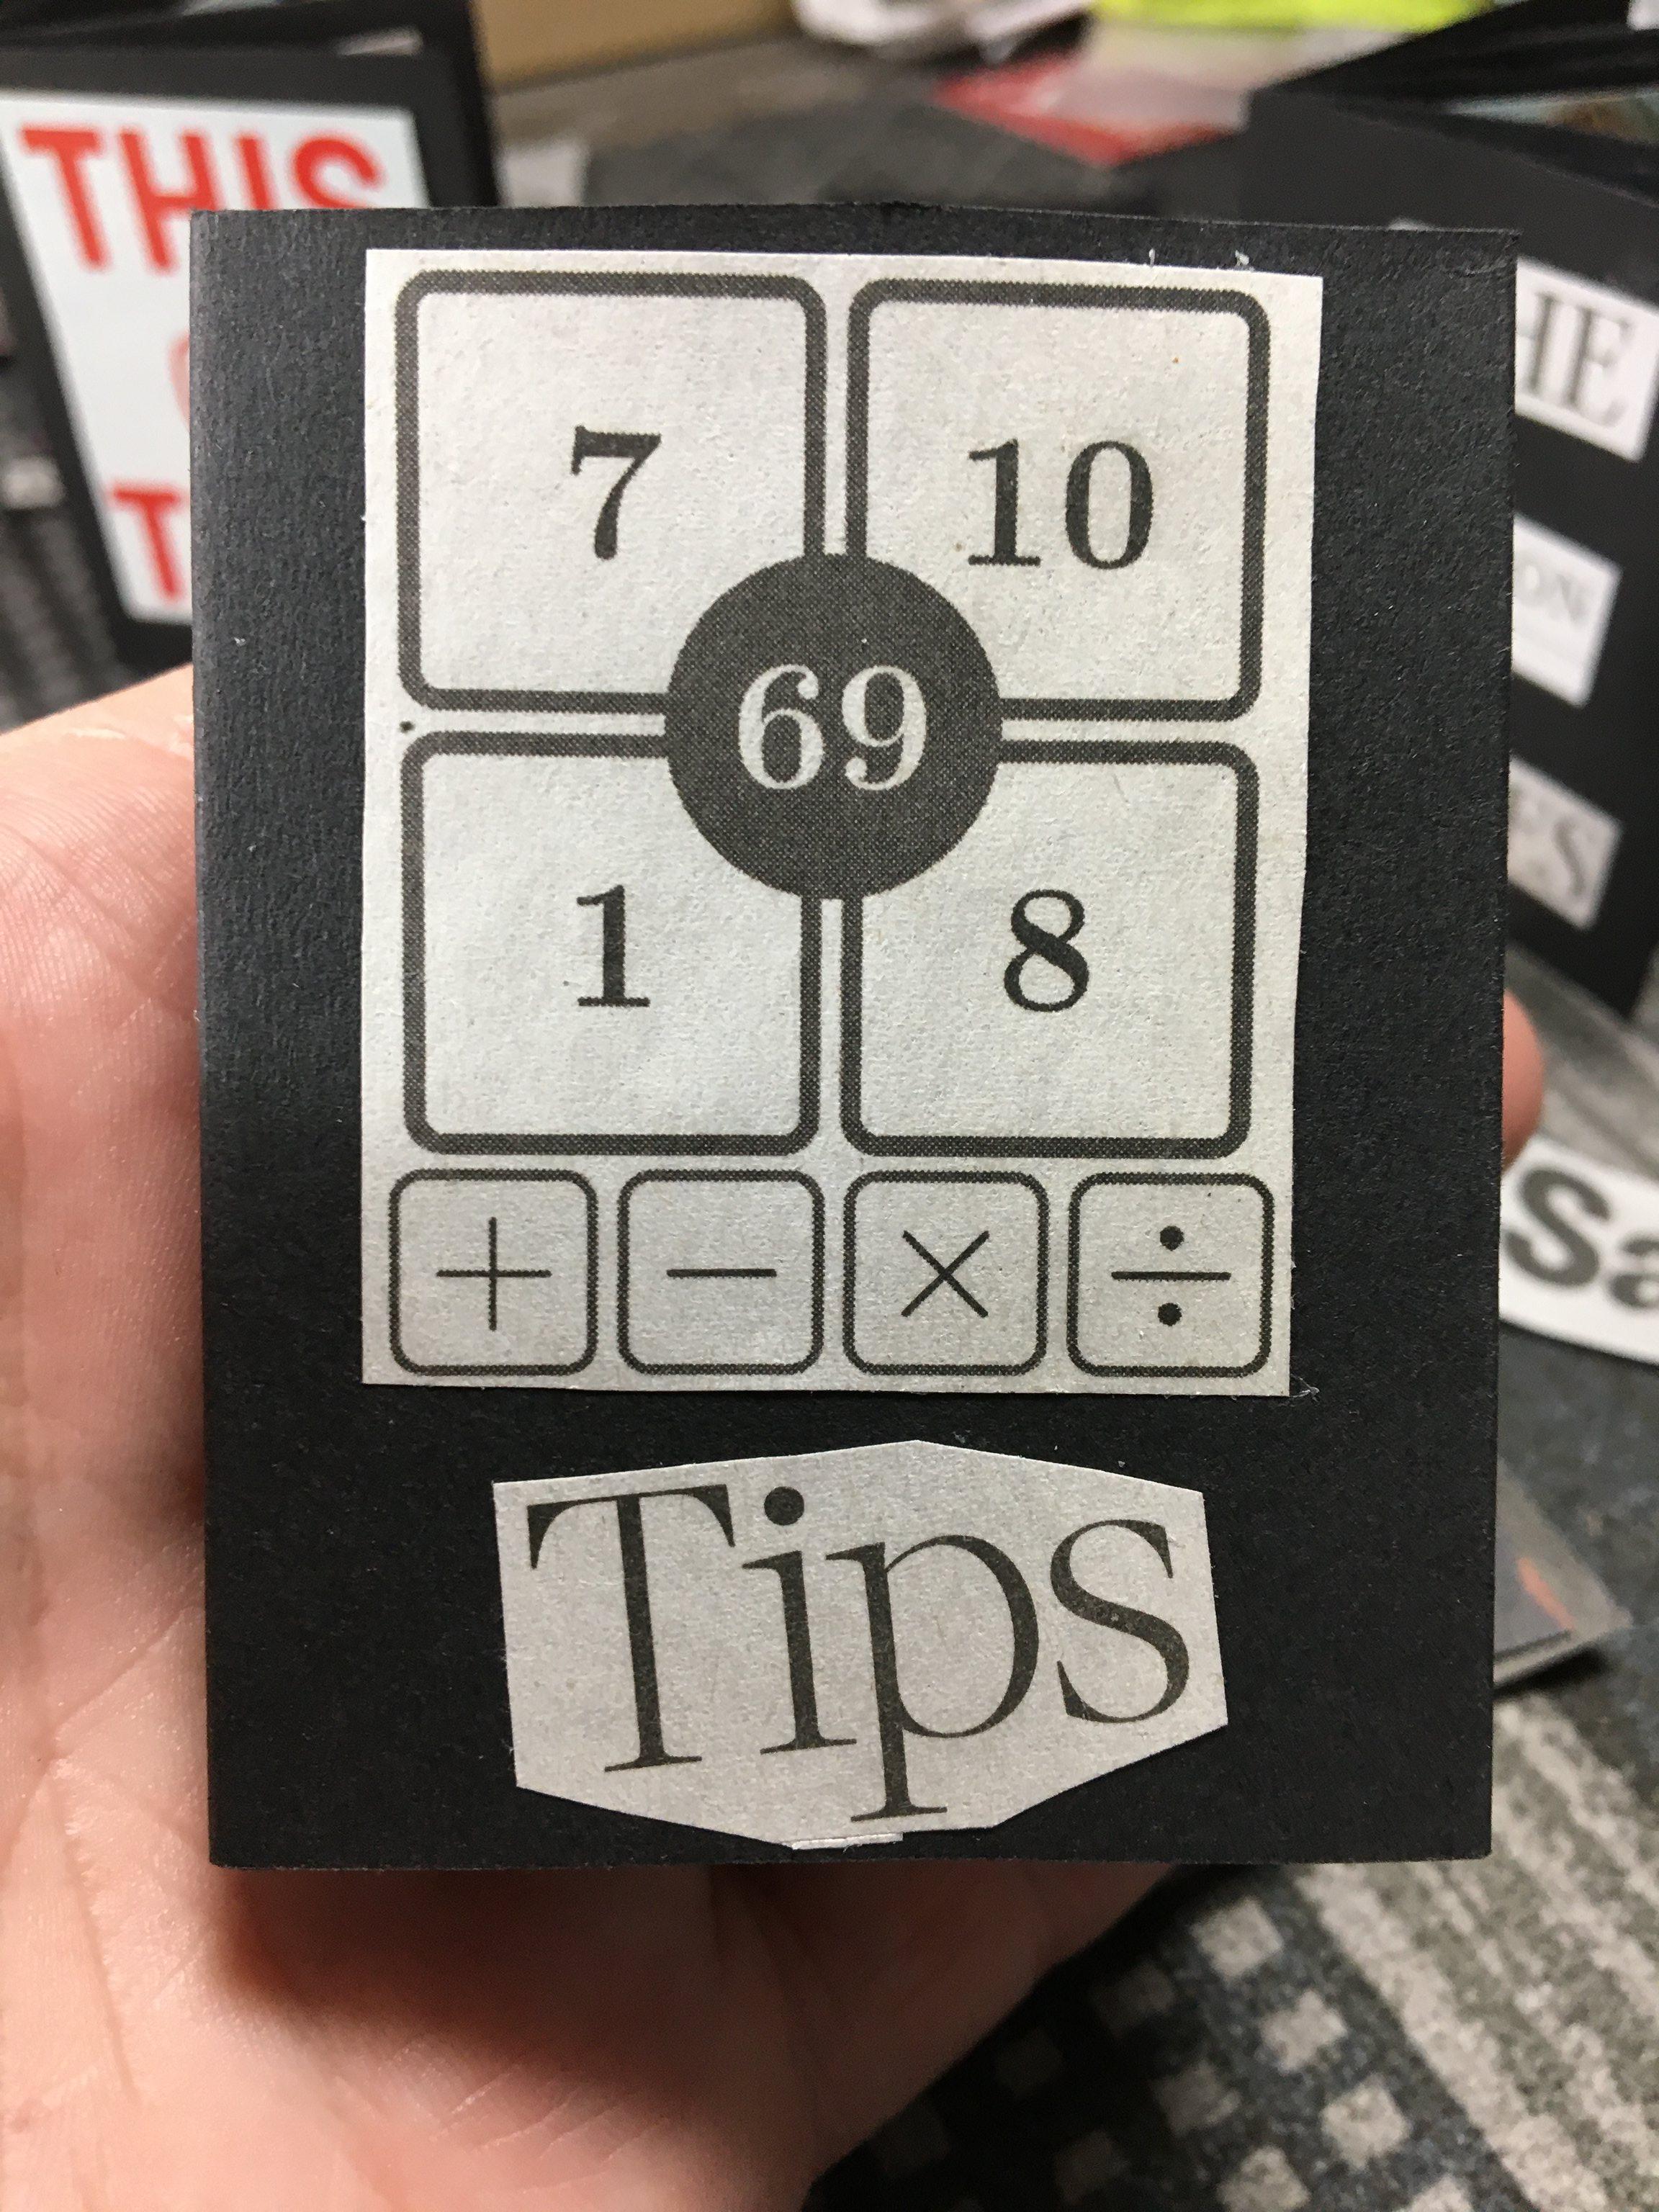 Tips mini zine